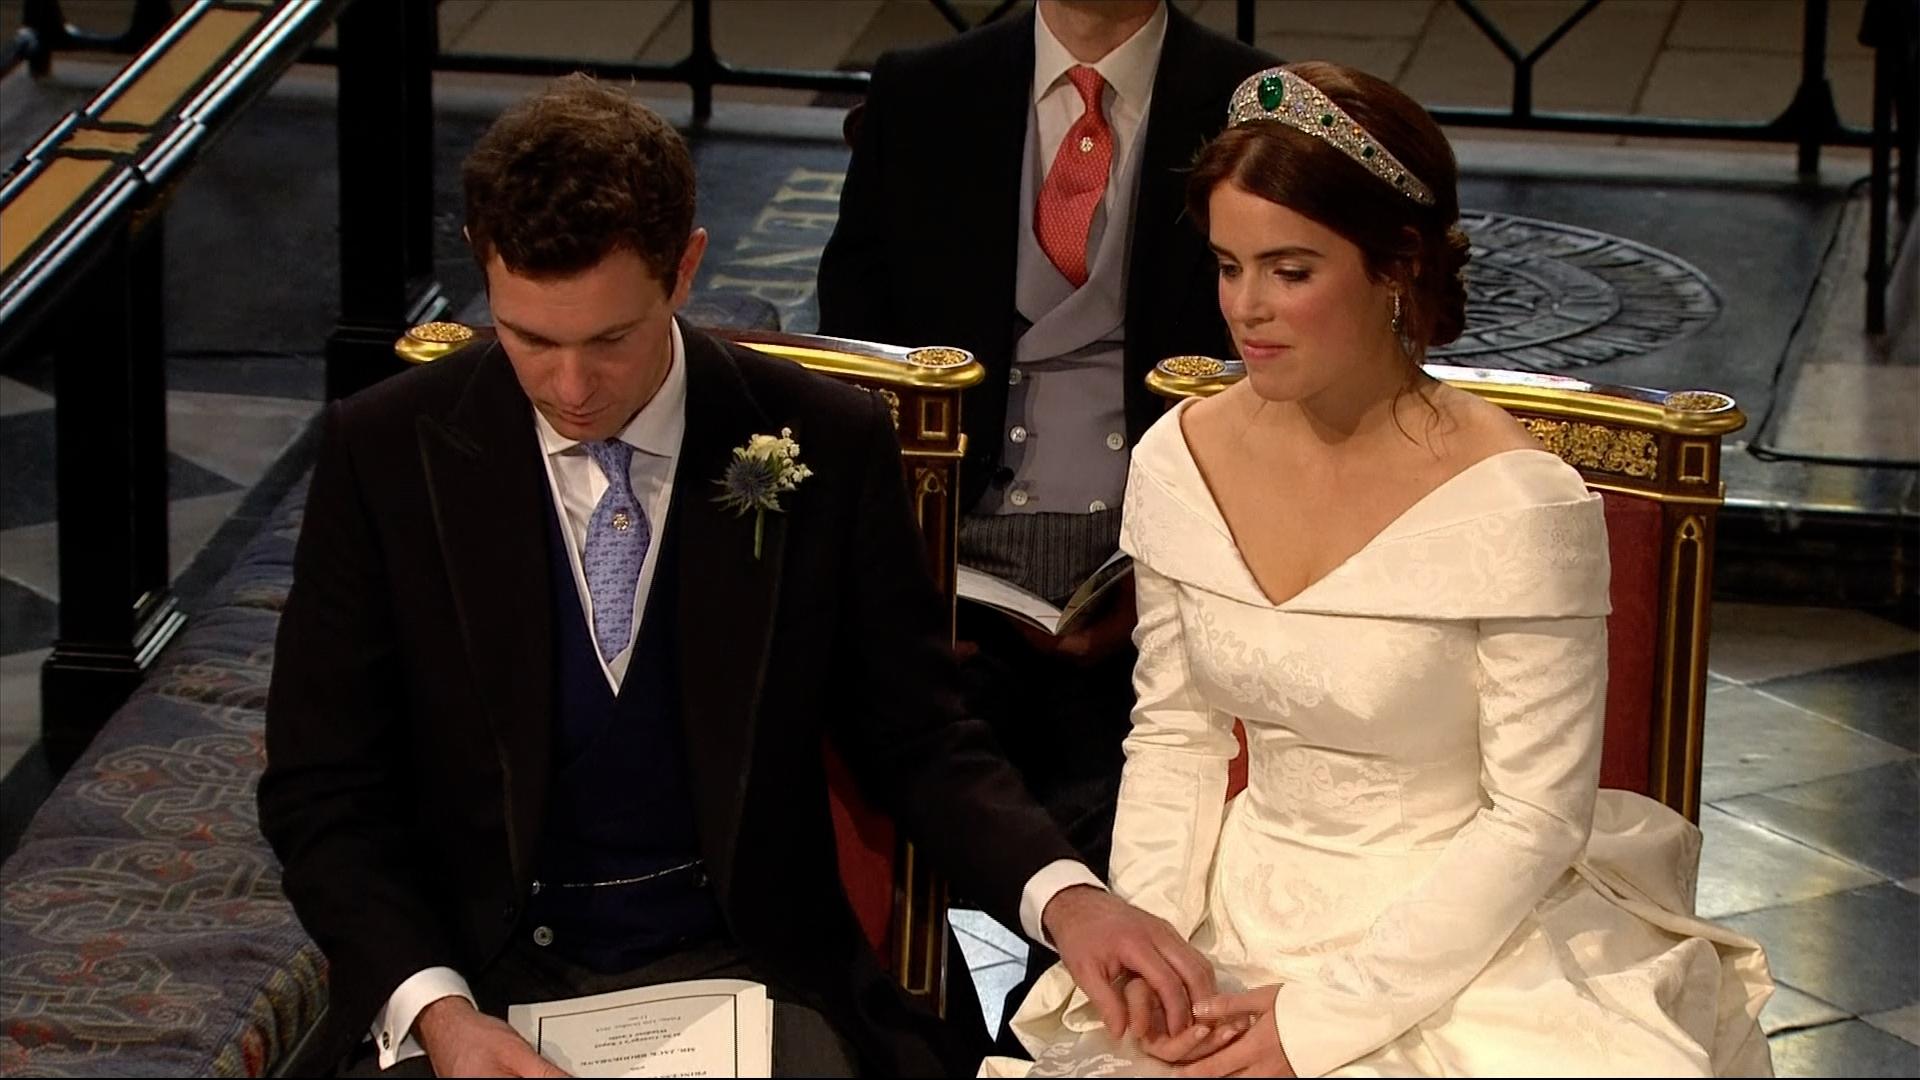 Stránky pro sňatky v Austrálii